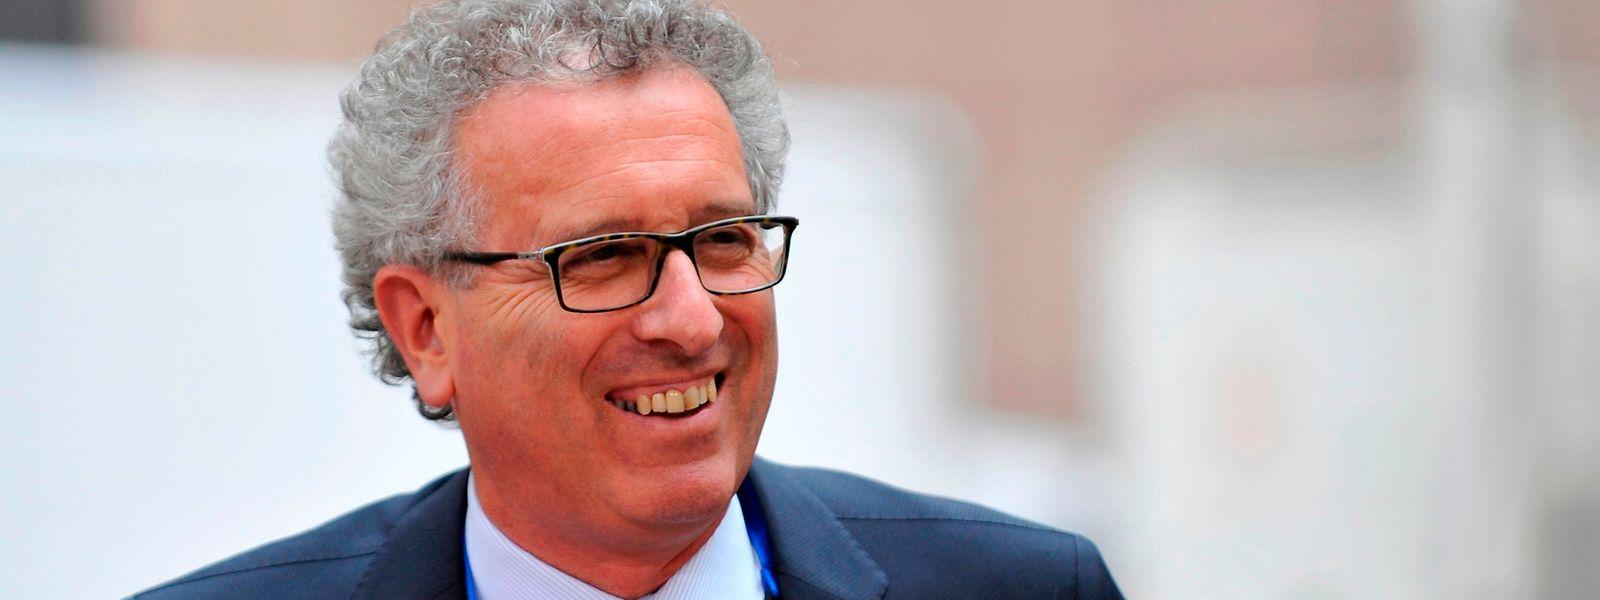 Le ministre des Finances Pierre Gramegna a notamment expliqué les nouvelles mesures pour attirer les talents qui manquent encore au pays.